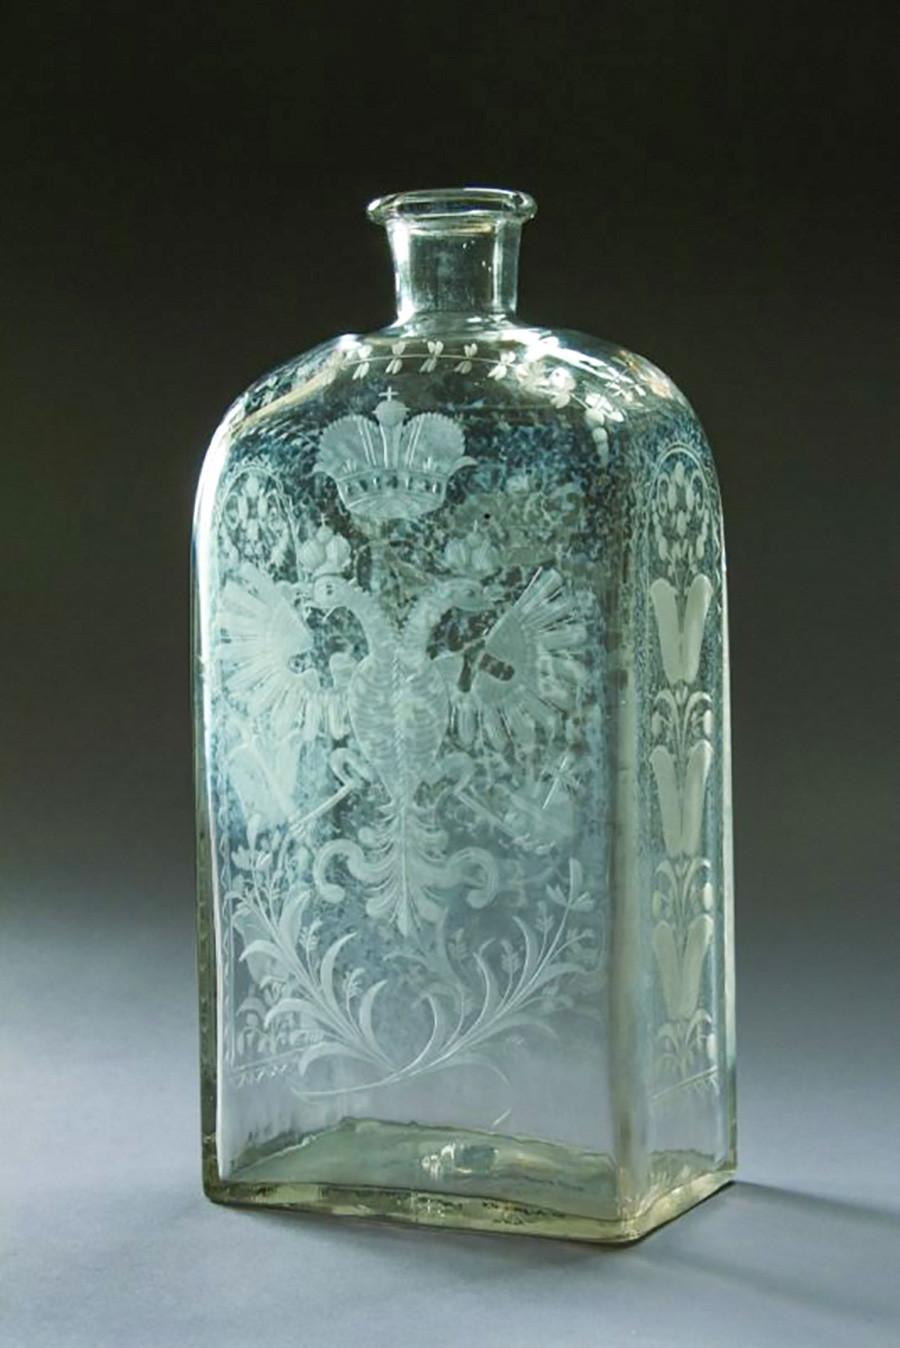 Shtof, metà XVIII secolo. Vetro con incisioni. Fabbrica di San Pietroburgo